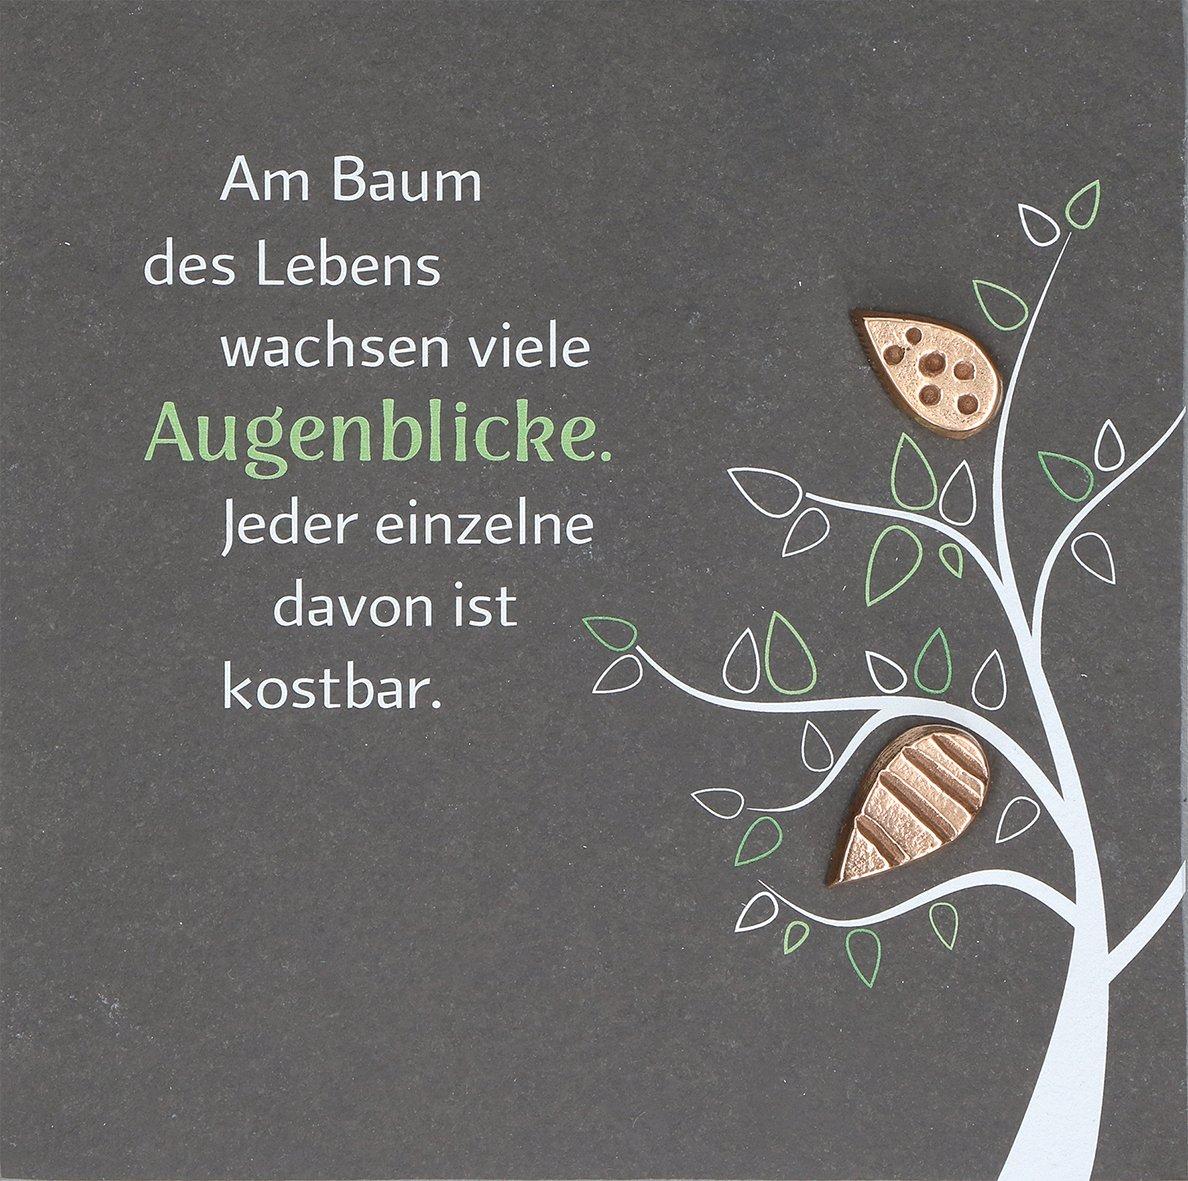 Butzon & Bercker 2-154032 Schieferrelief Baum des Lebens: Amazon.de ...